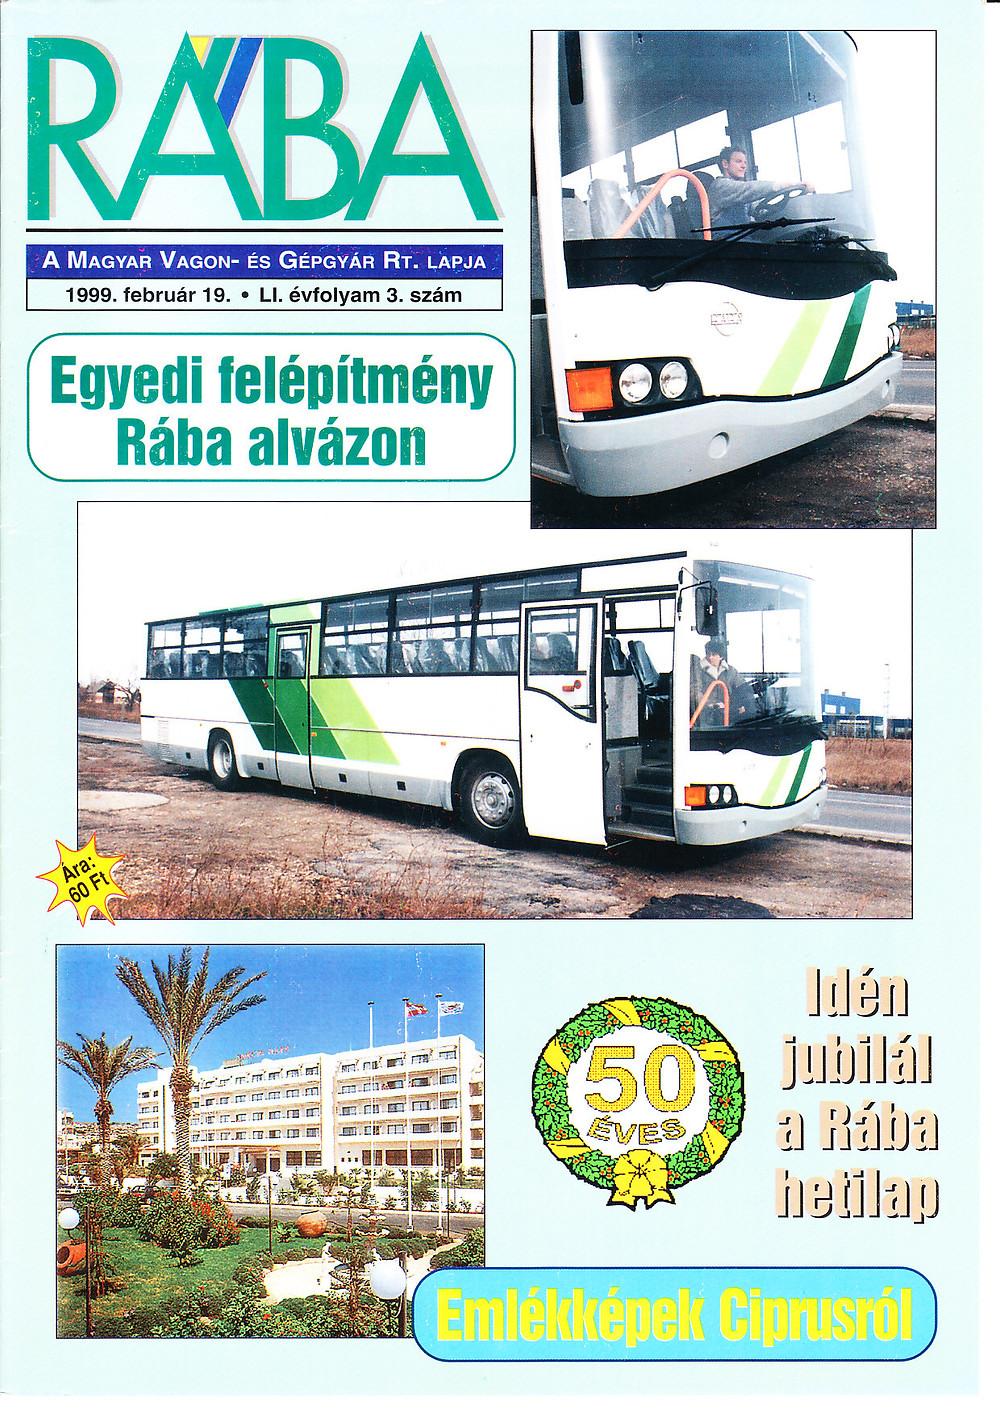 A buszról a Rába újságban is írtak.